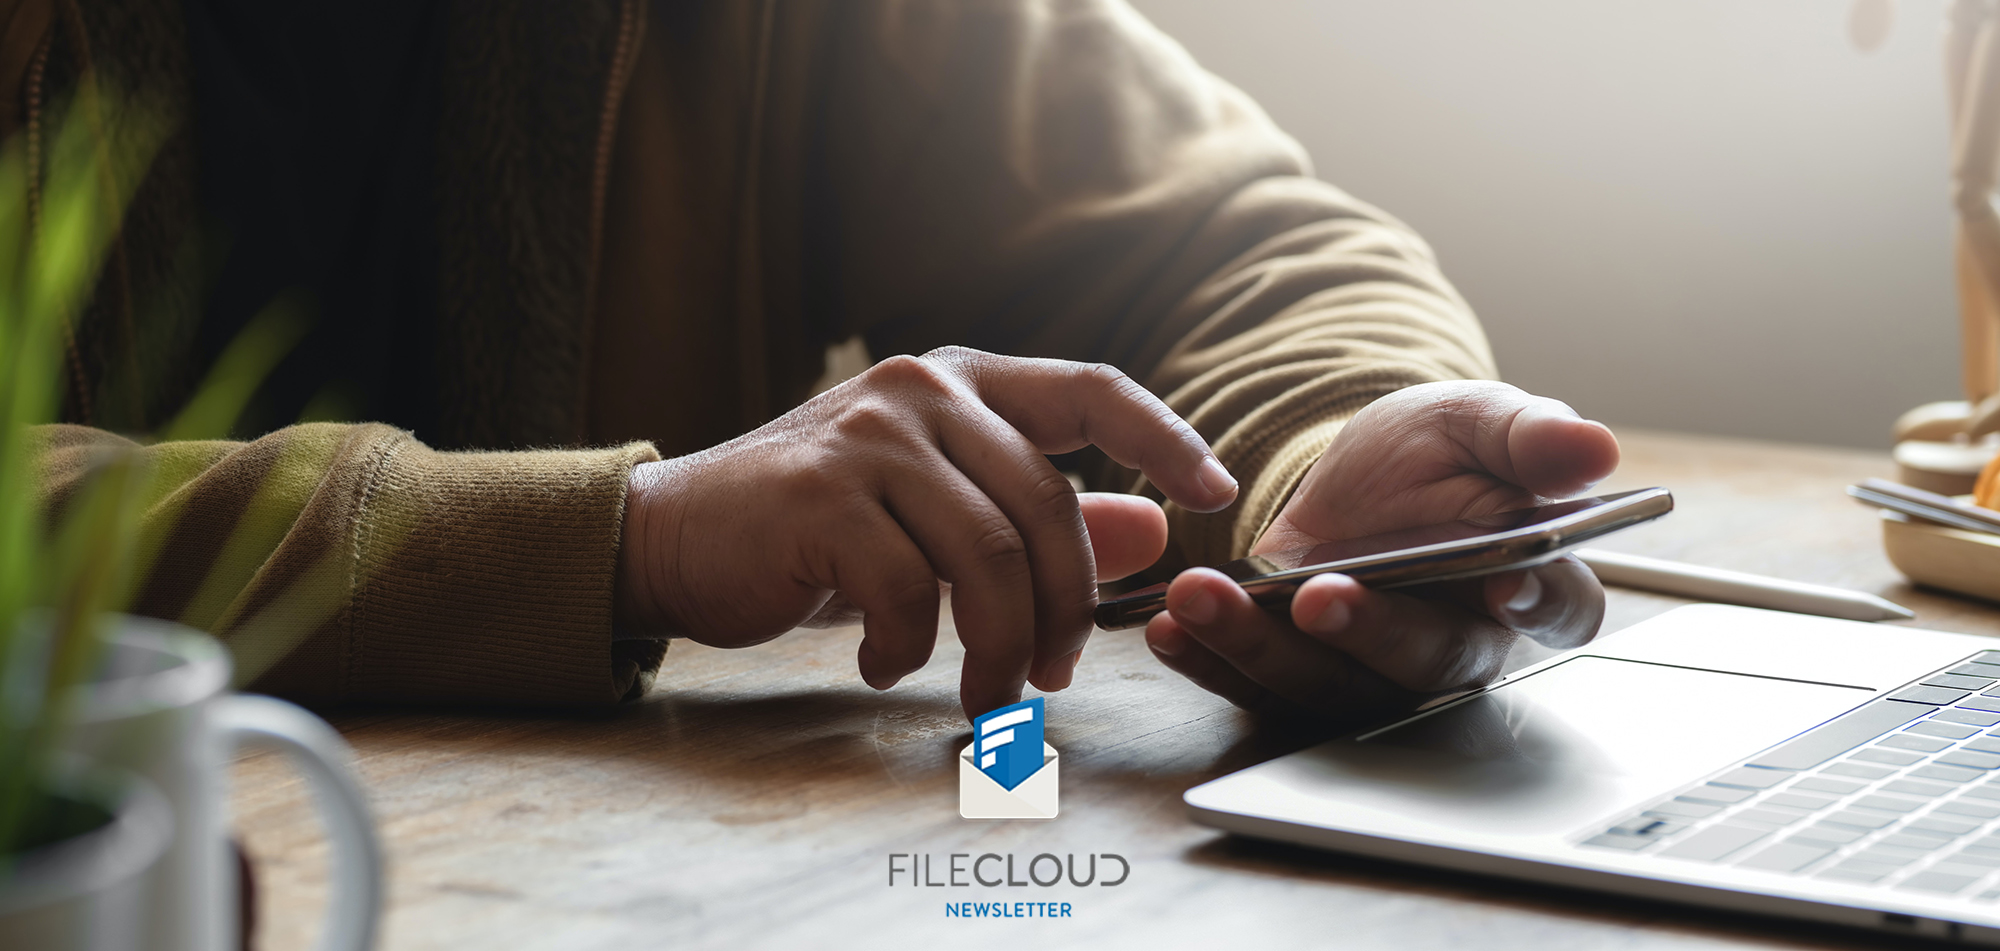 FileCloud Newsletter